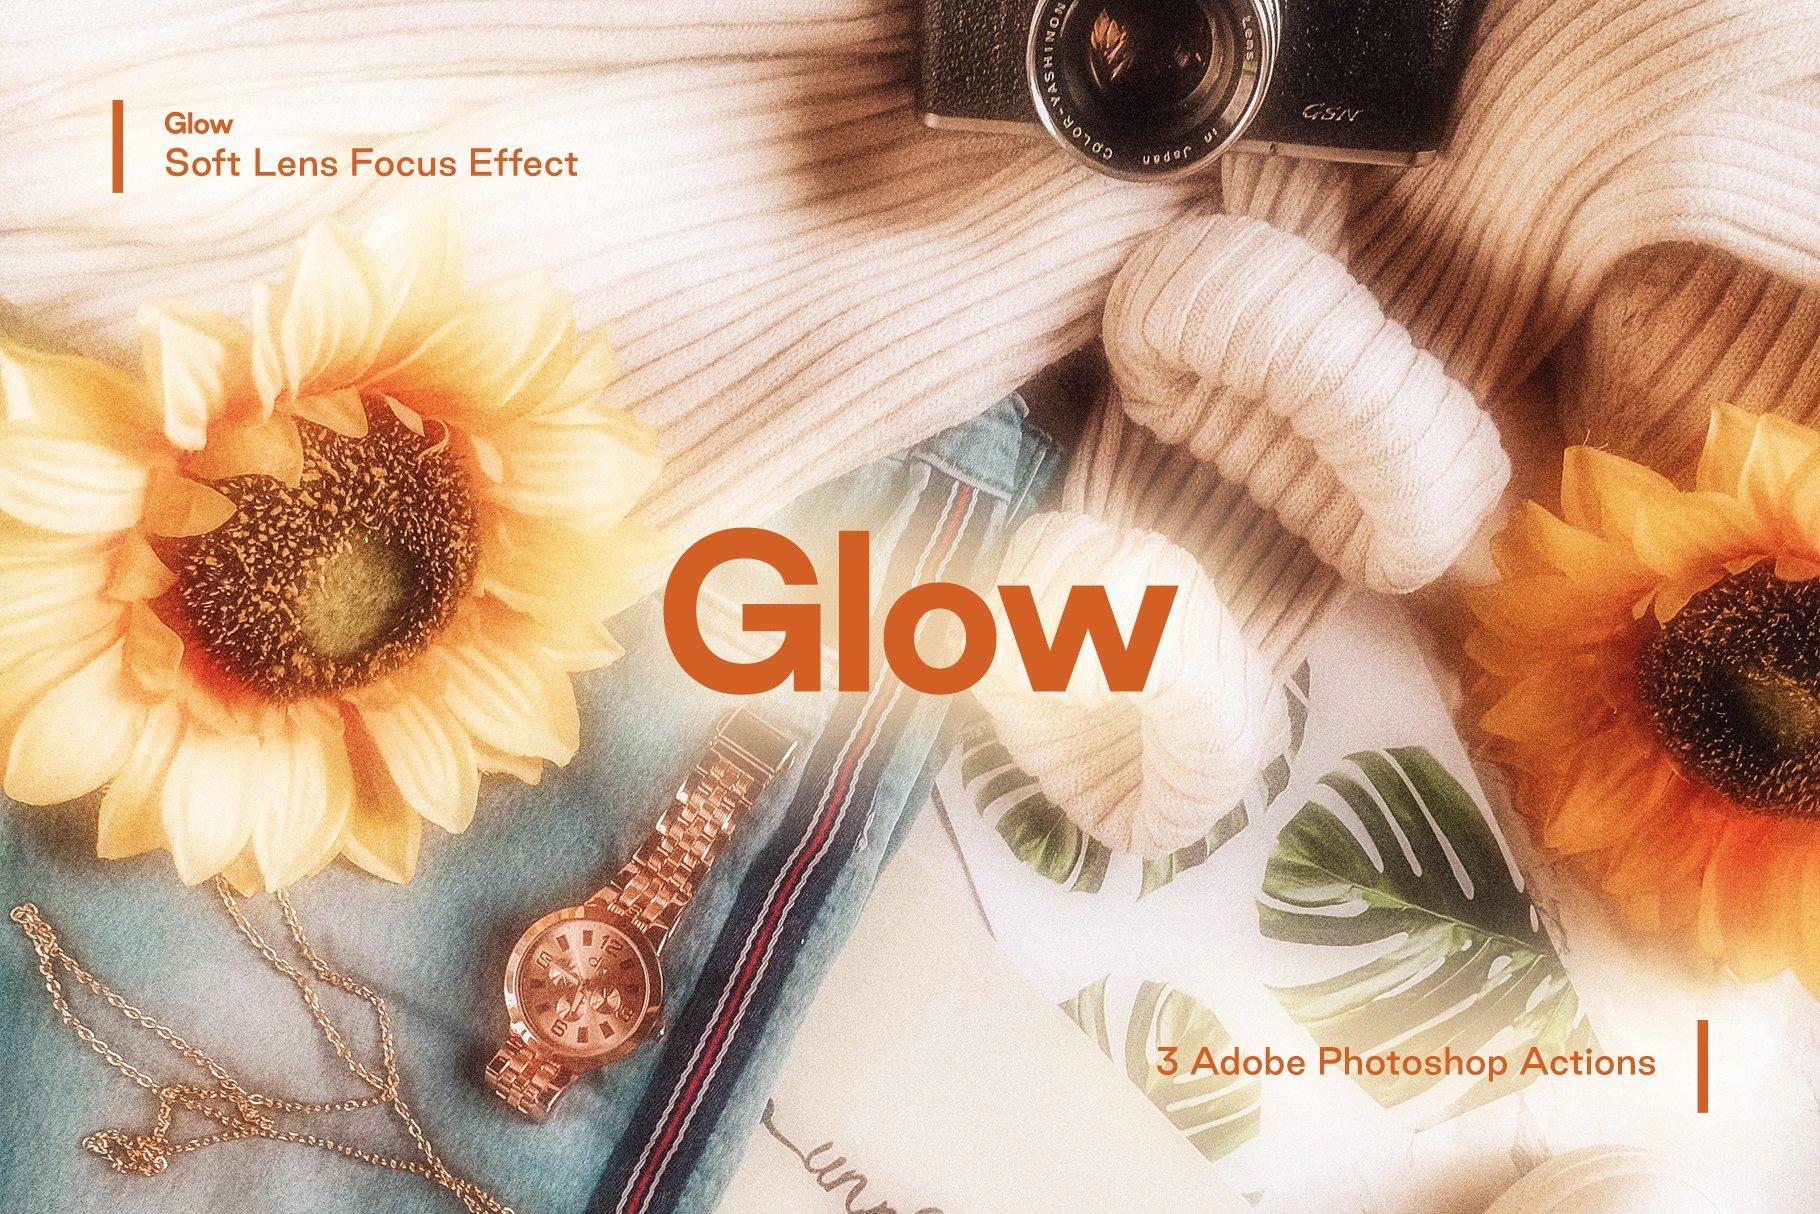 [淘宝购买] 梦幻发光柔和镜头聚焦效果摄影照片后期处理效果PS动作模板 Glow – Soft Lens Focus Action插图